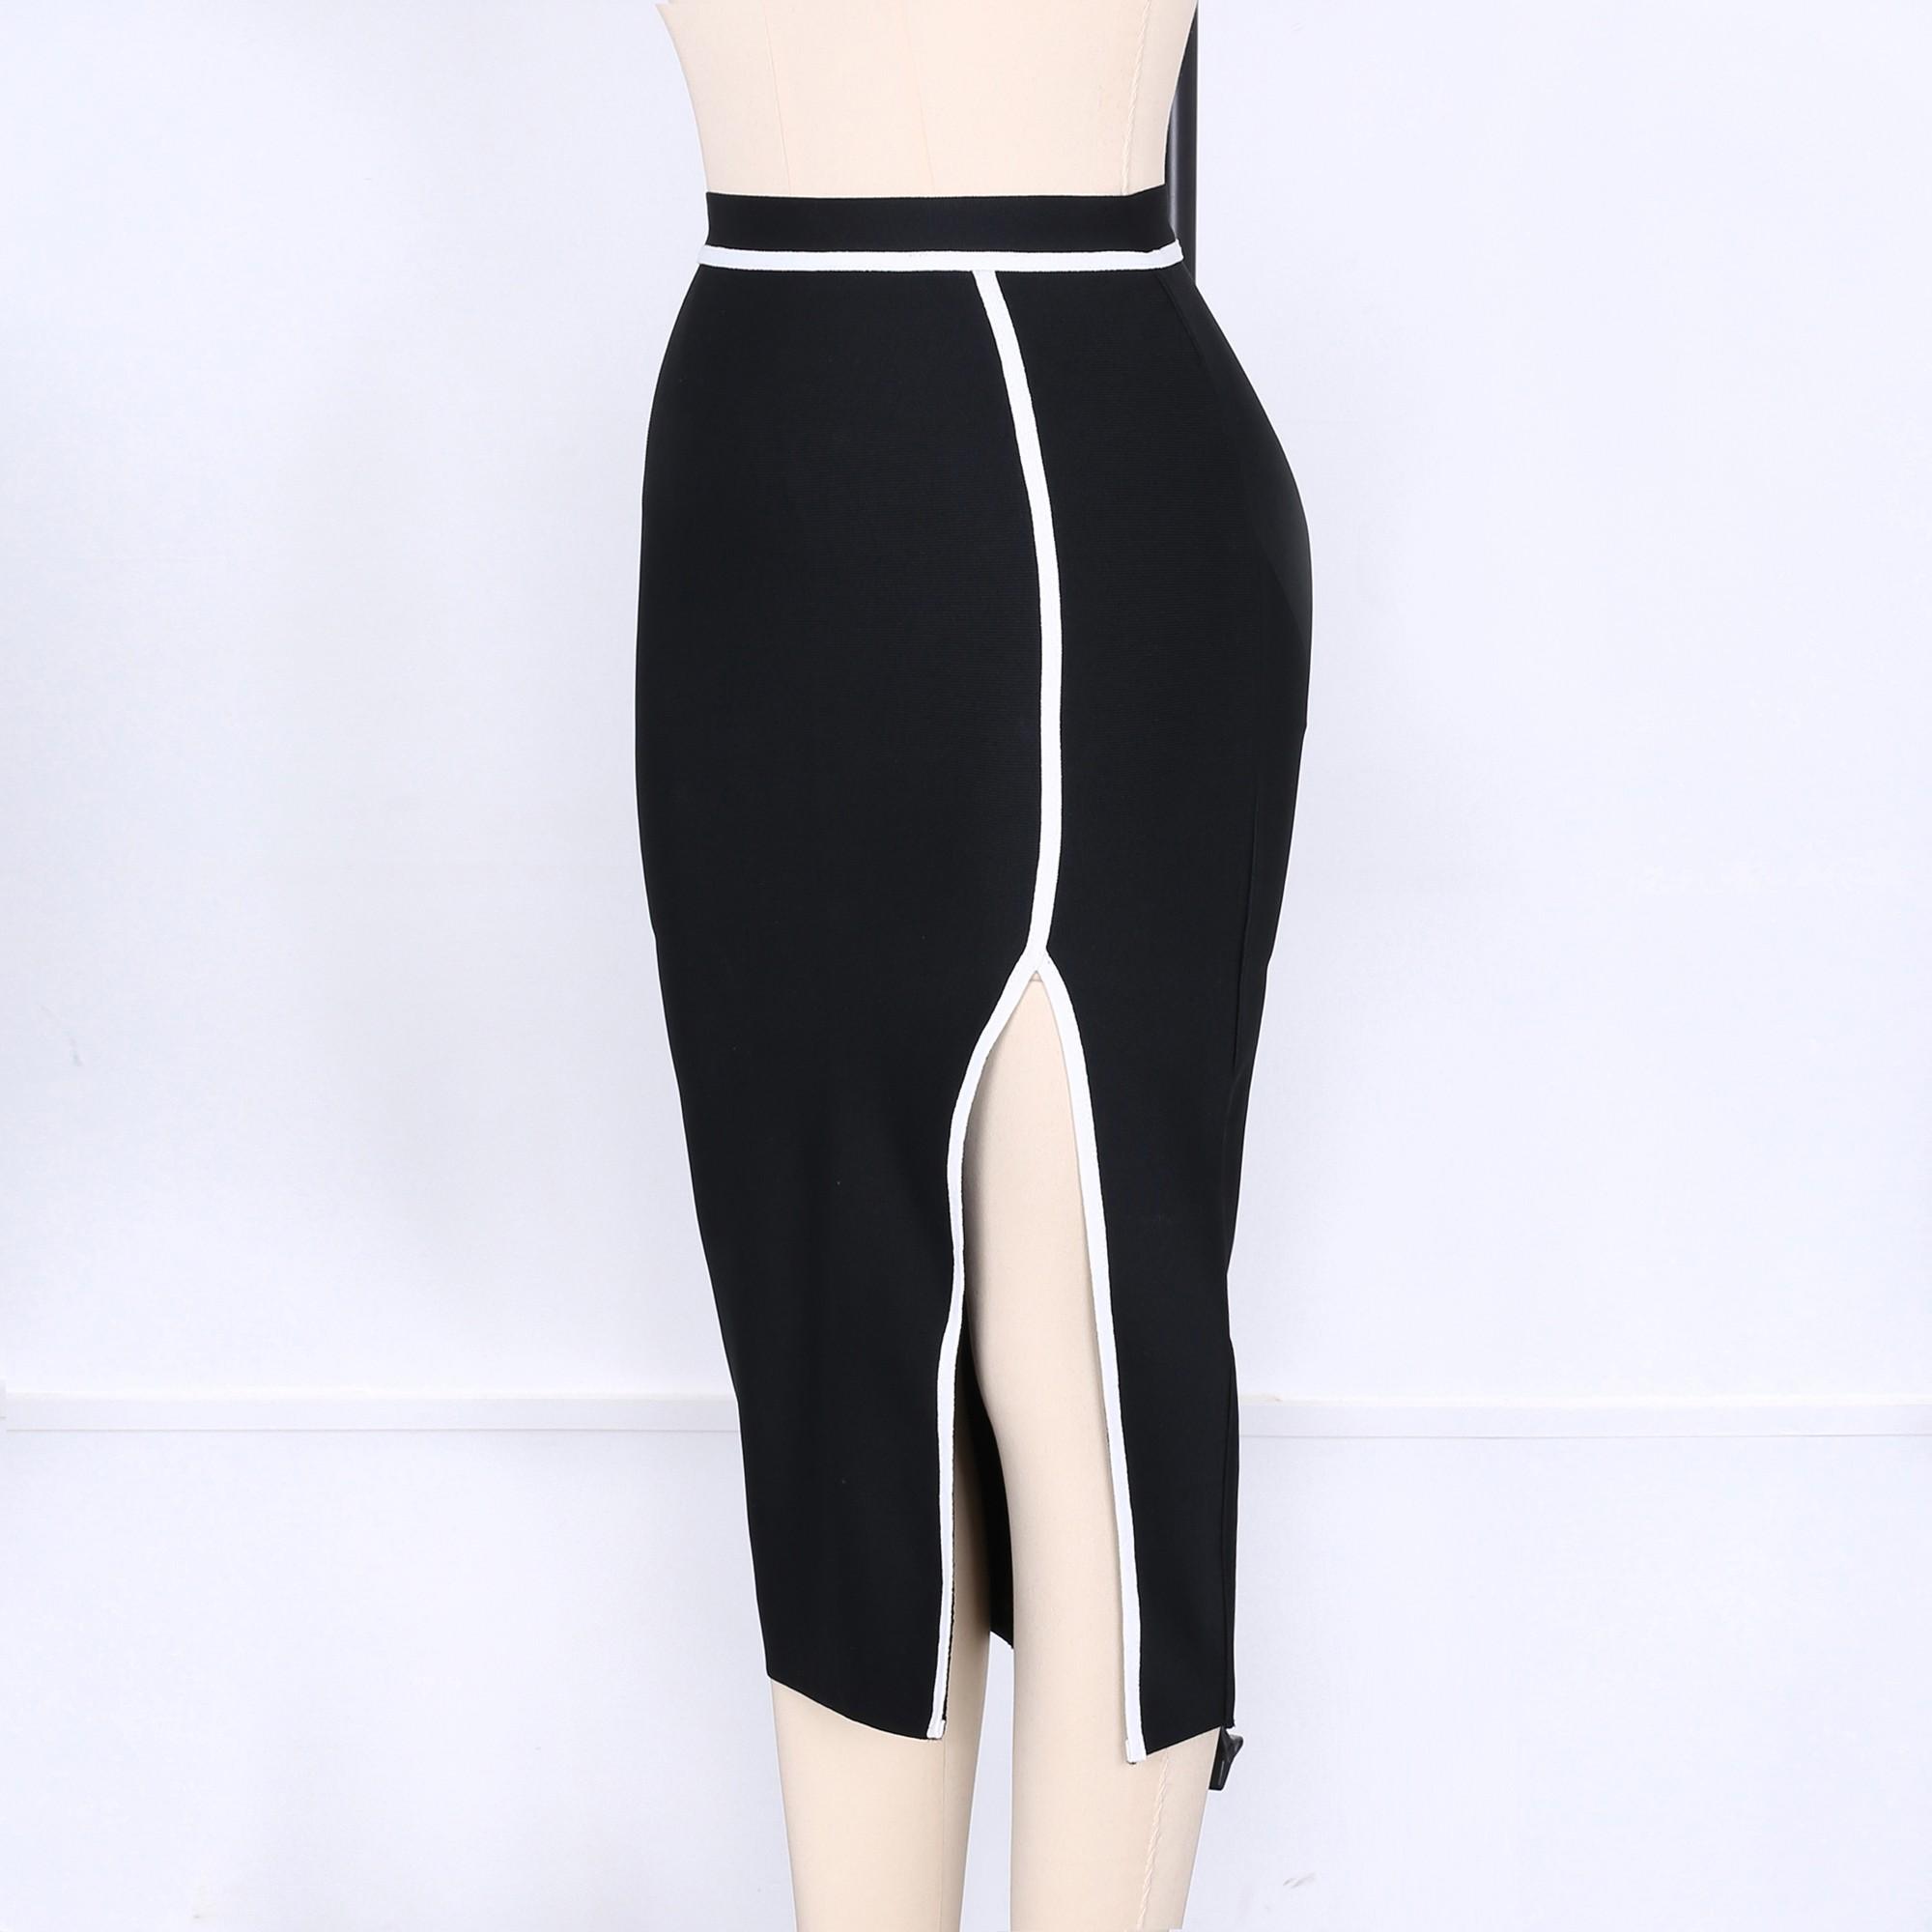 Black Mini Side Slit Sexy Bandage Skirt PPHK034-Black